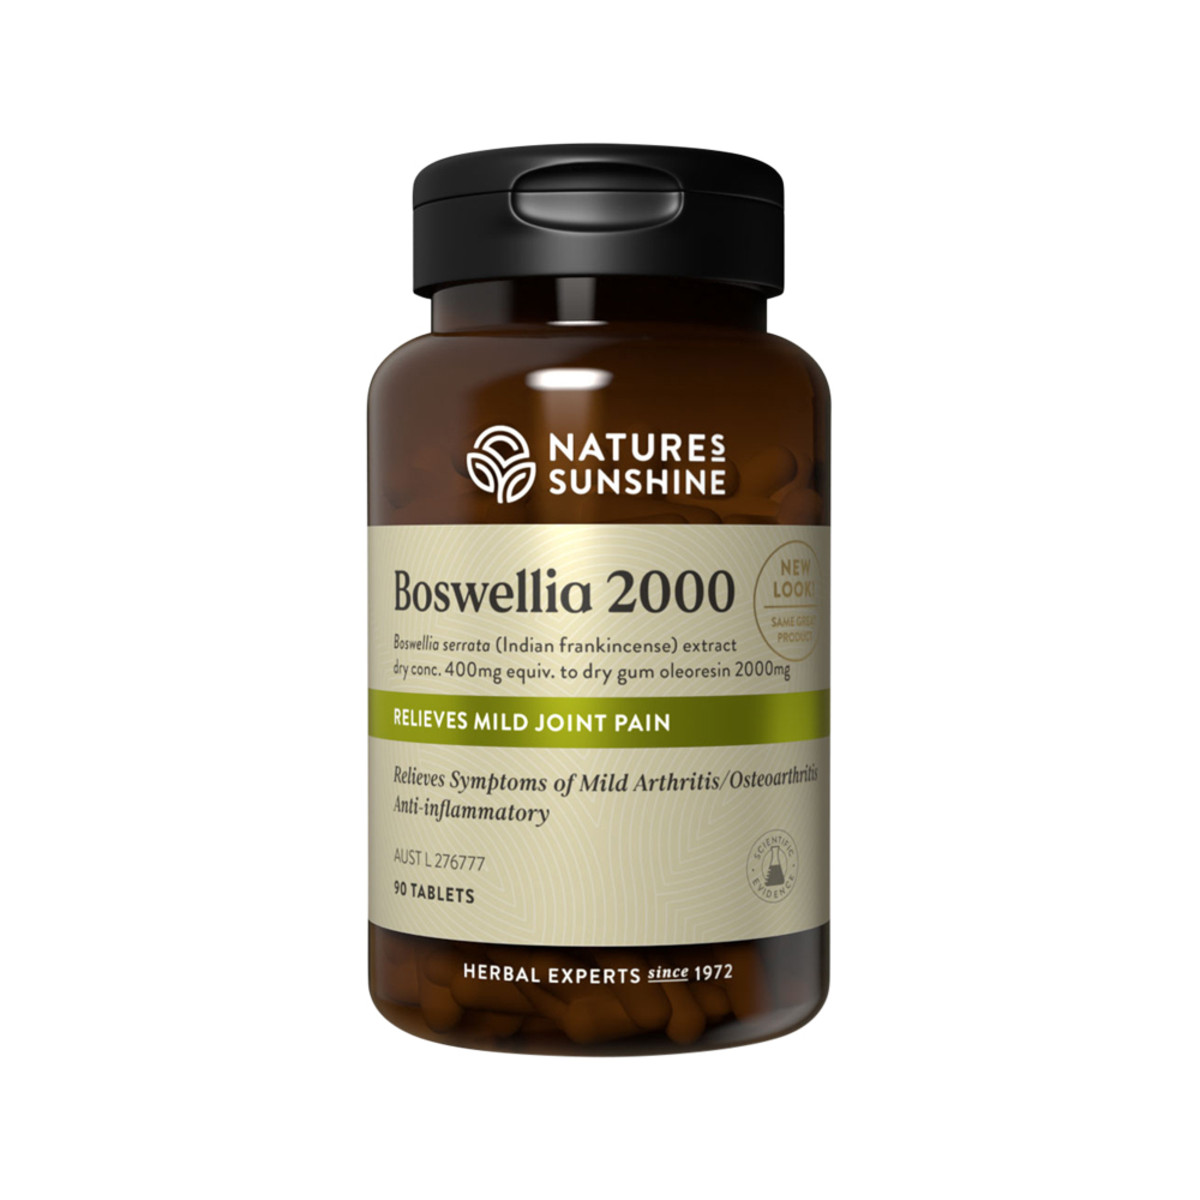 NATURE'S SUNSHINE BOSWELLIA 2000 90T